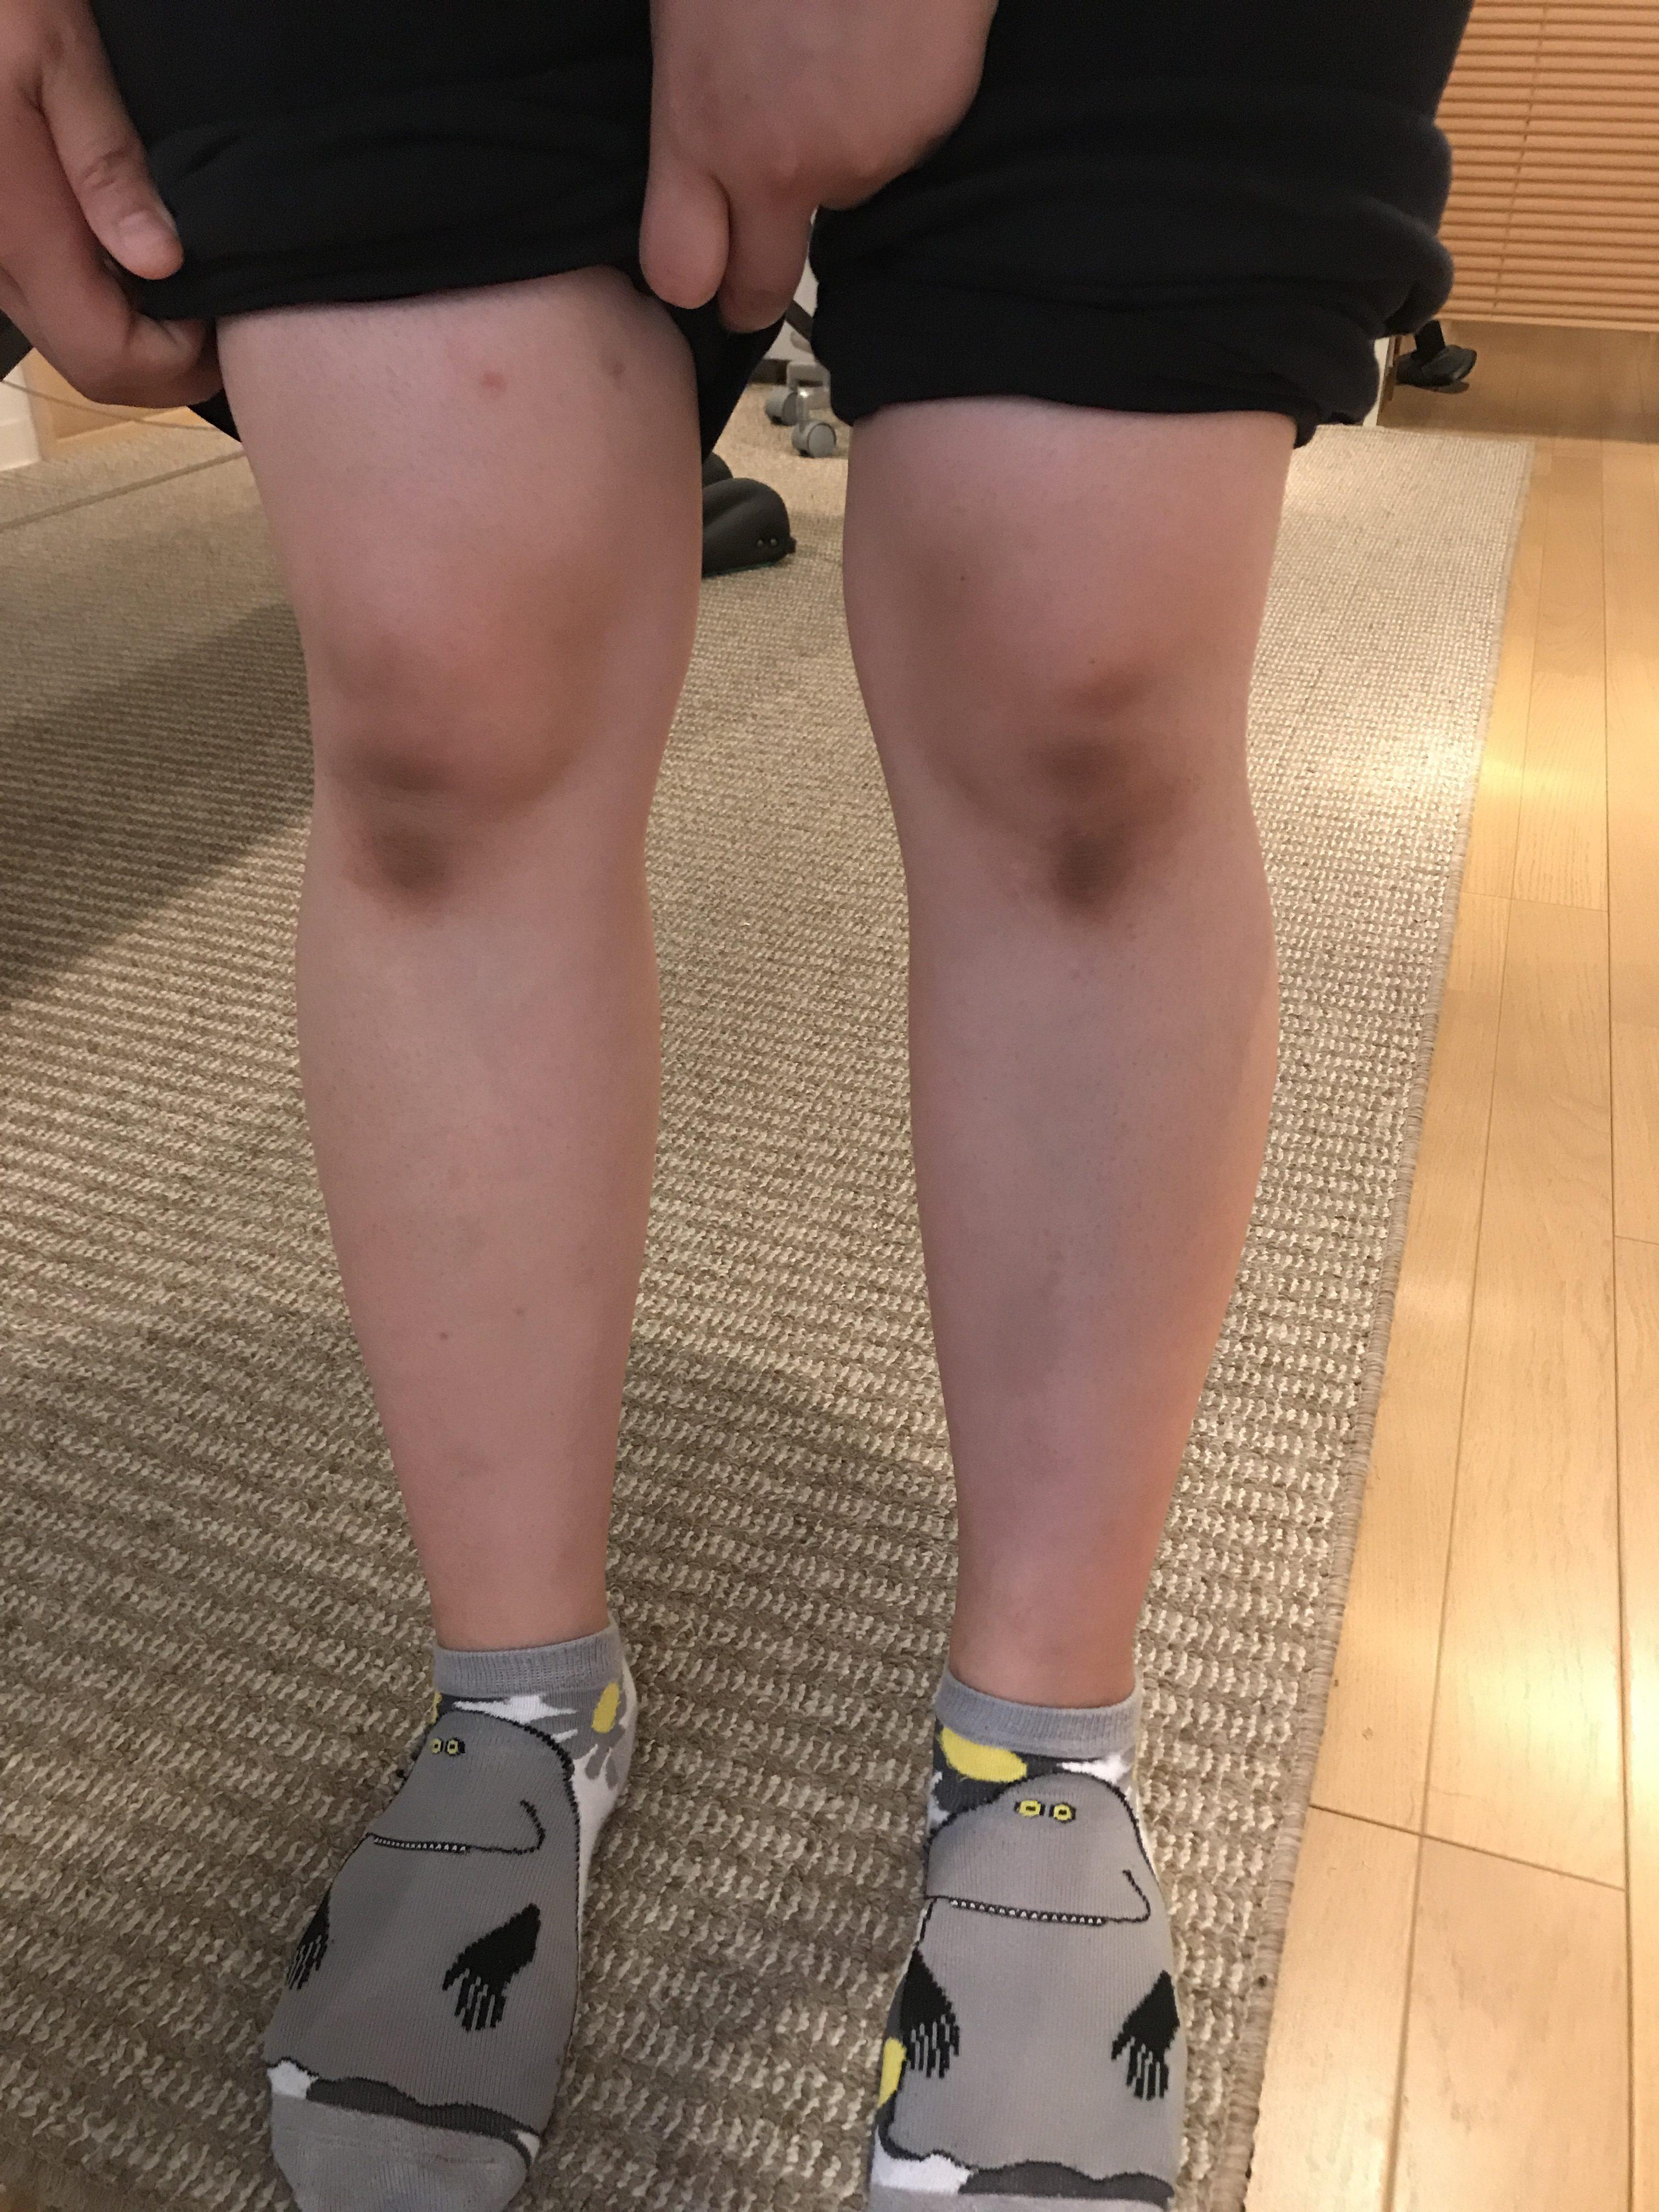 歩いたり、立ったり、しゃがむと膝の内側が痛み 椎名町・目白在住からお越しの方の悩み